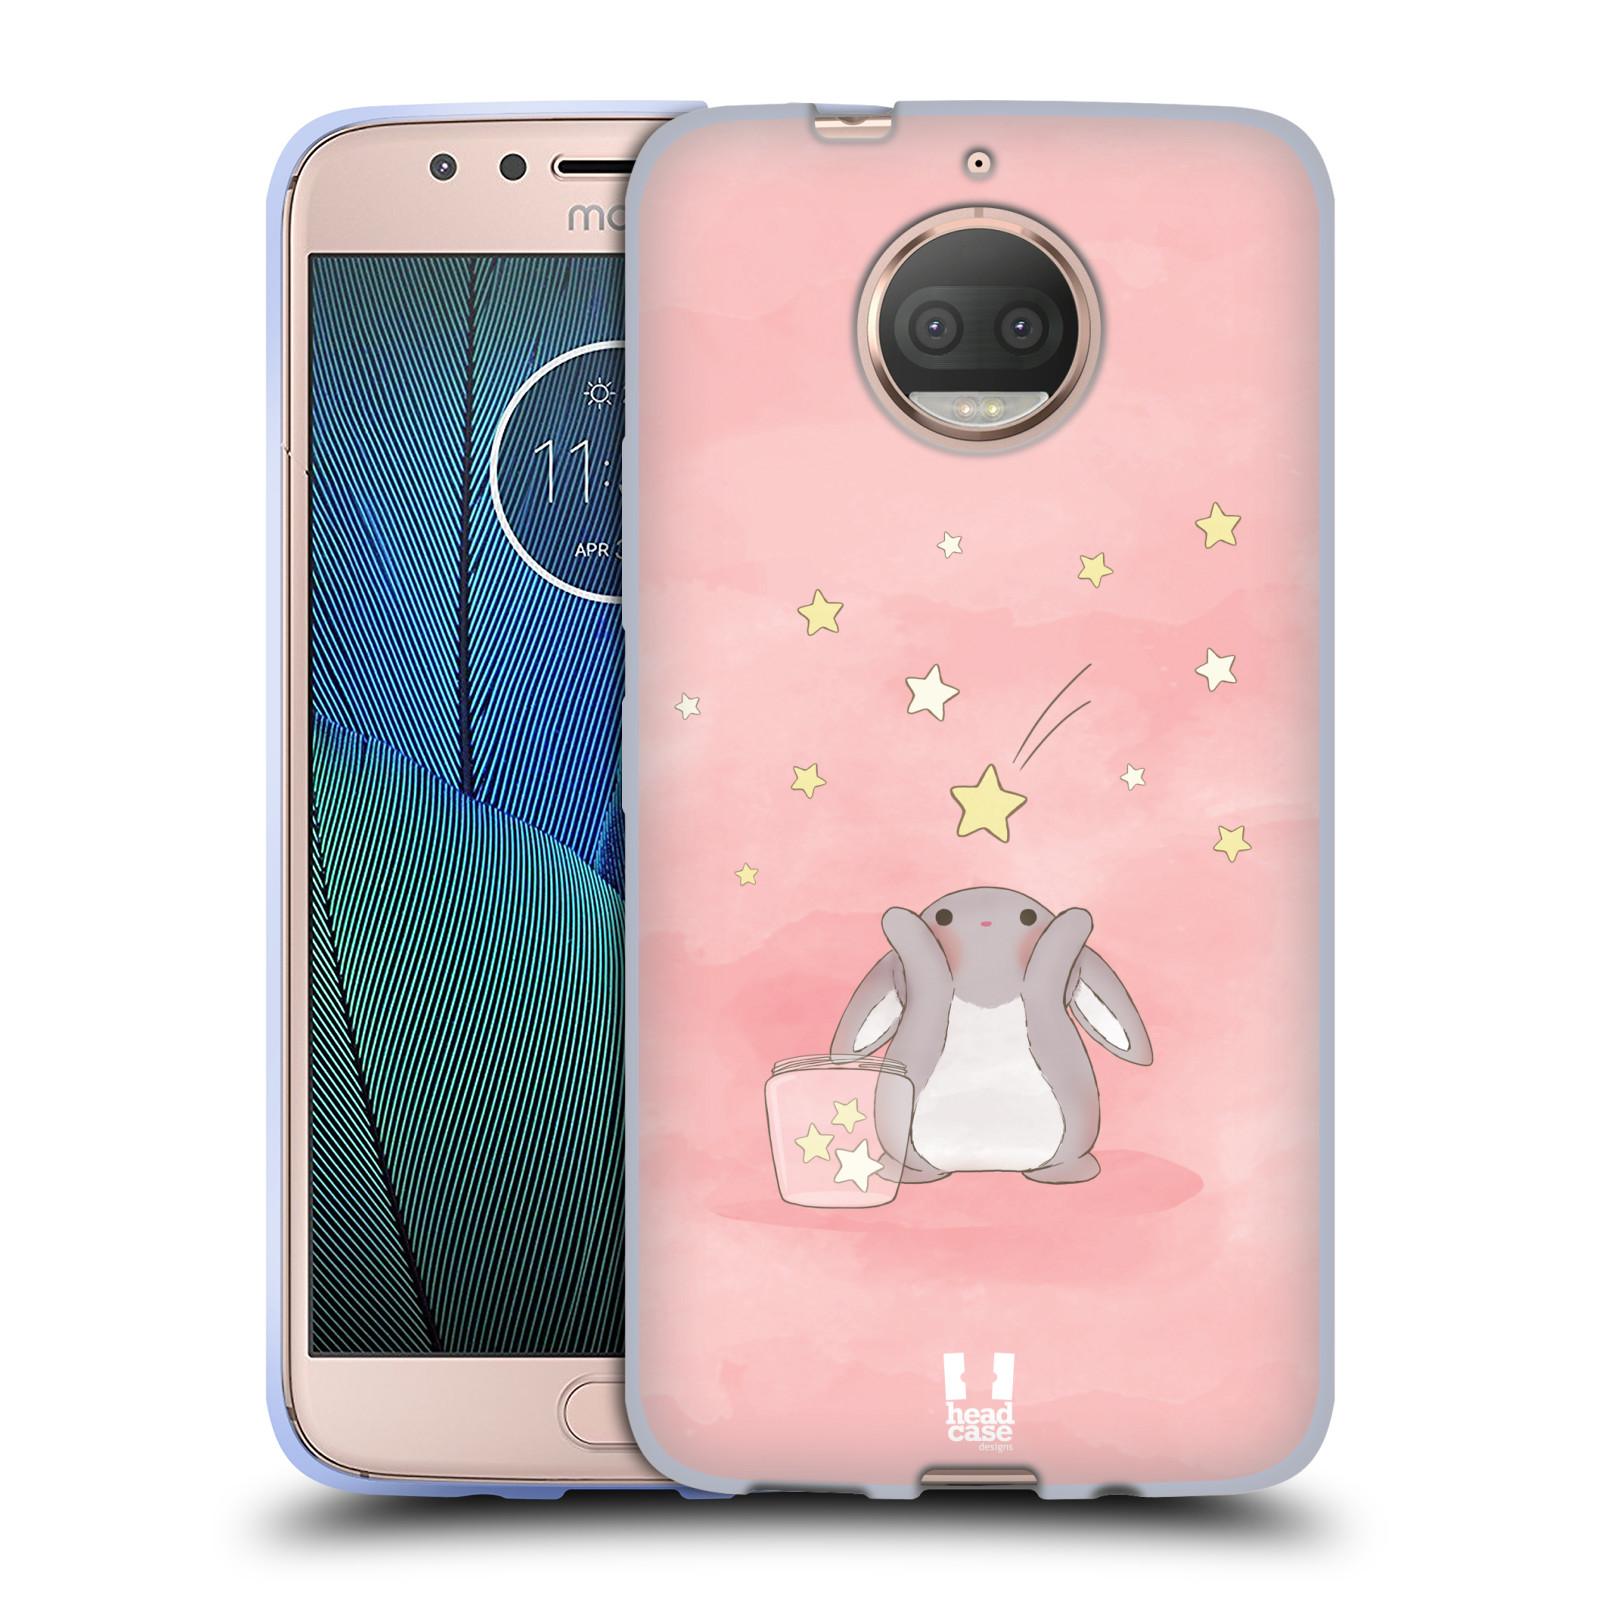 HEAD CASE silikonový obal na mobil Lenovo Moto G5s PLUS vzor králíček a hvězdy růžová